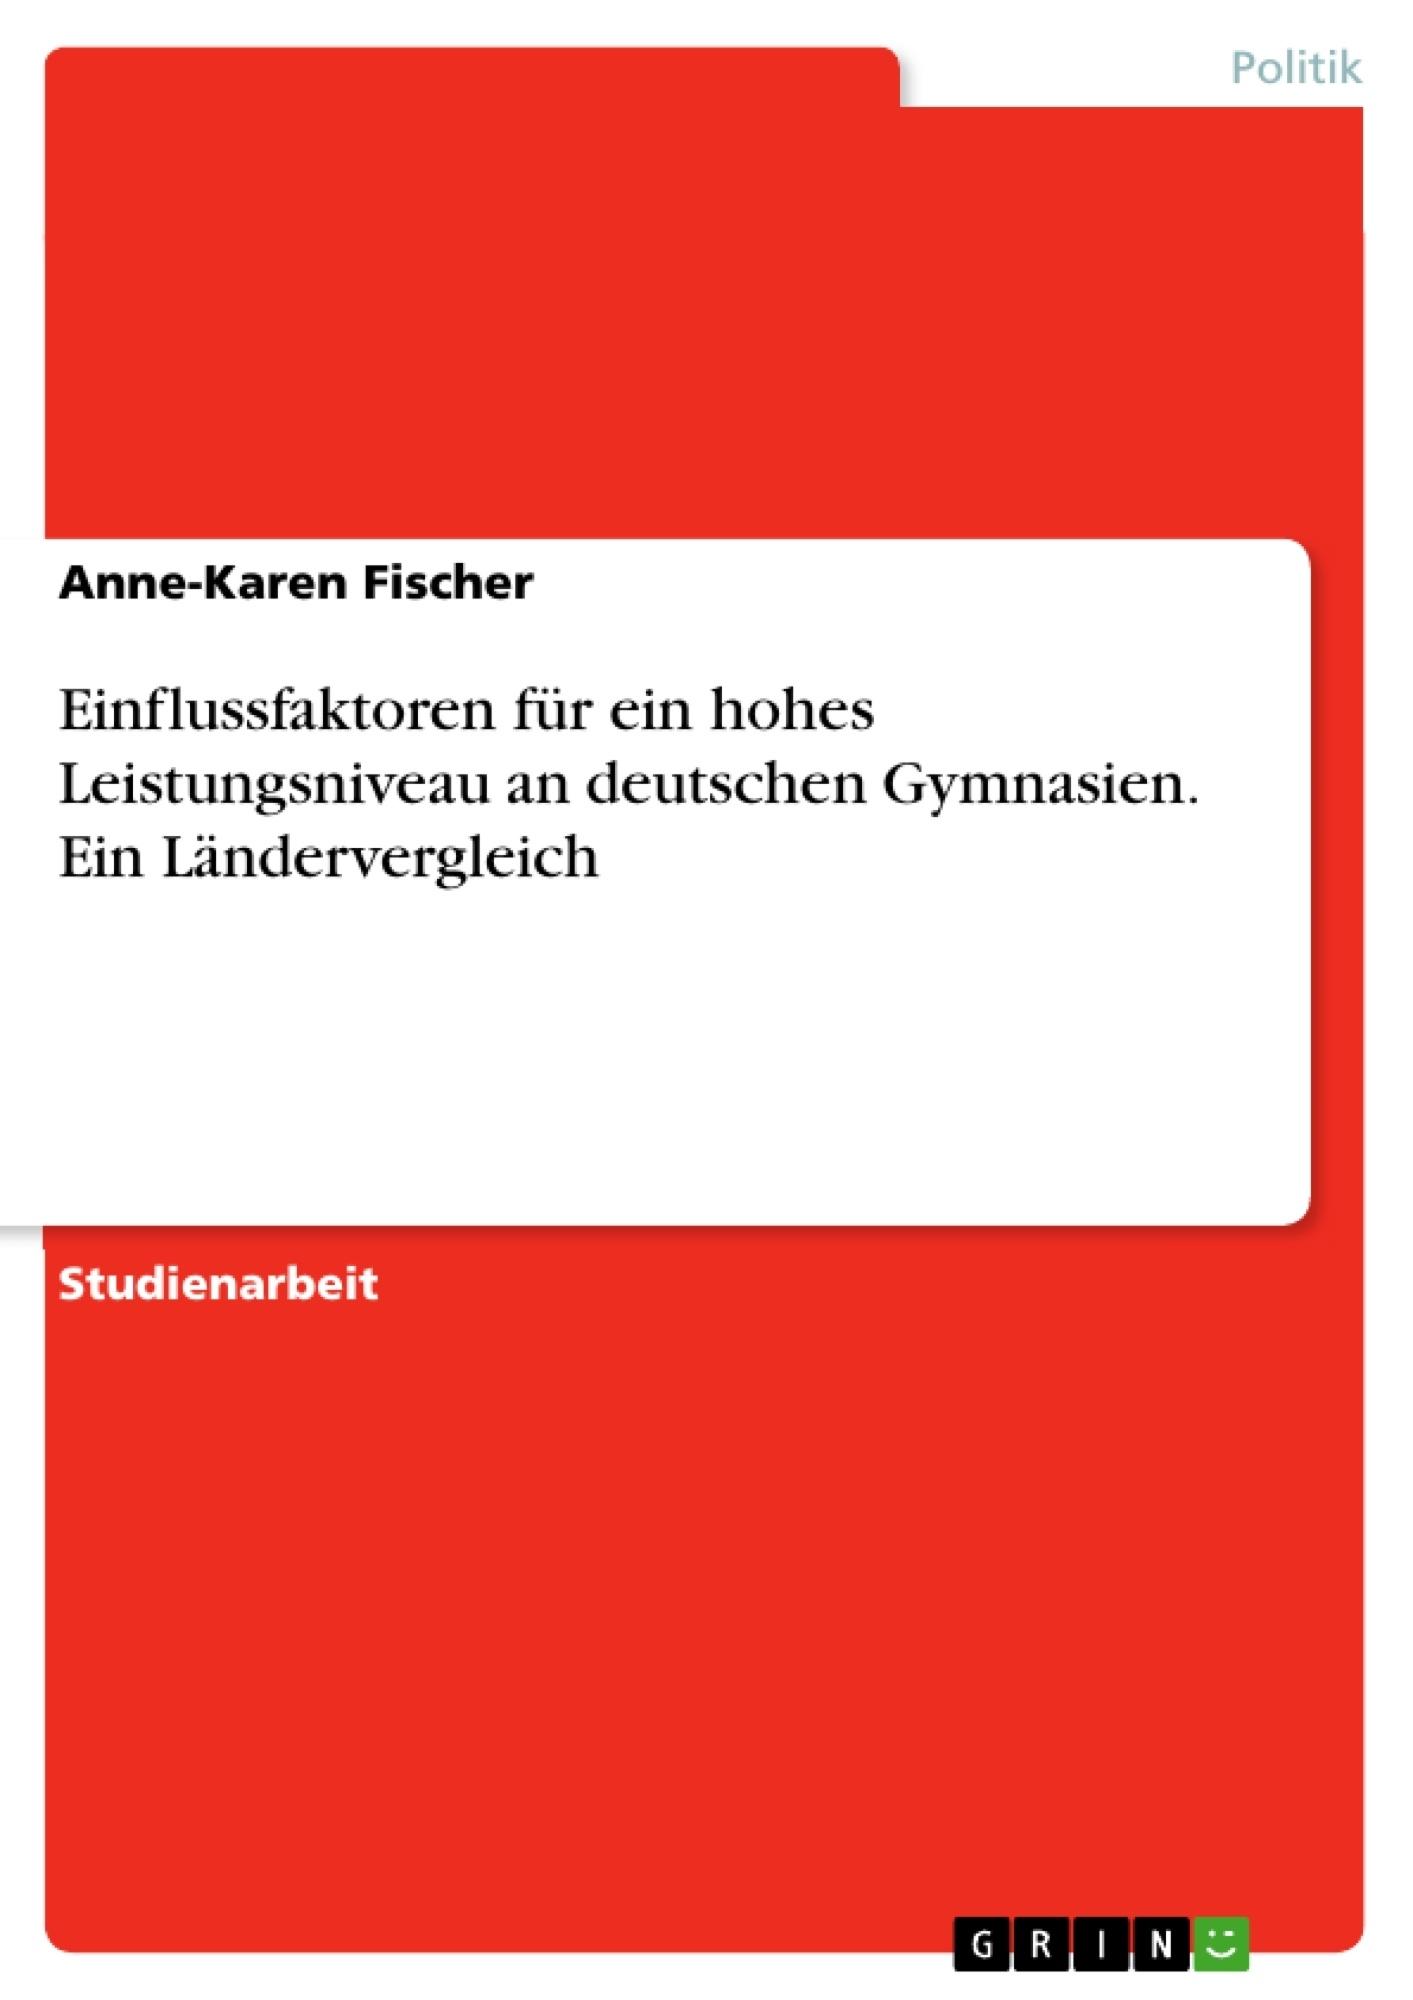 Titel: Einflussfaktoren für ein hohes Leistungsniveau an deutschen Gymnasien. Ein Ländervergleich